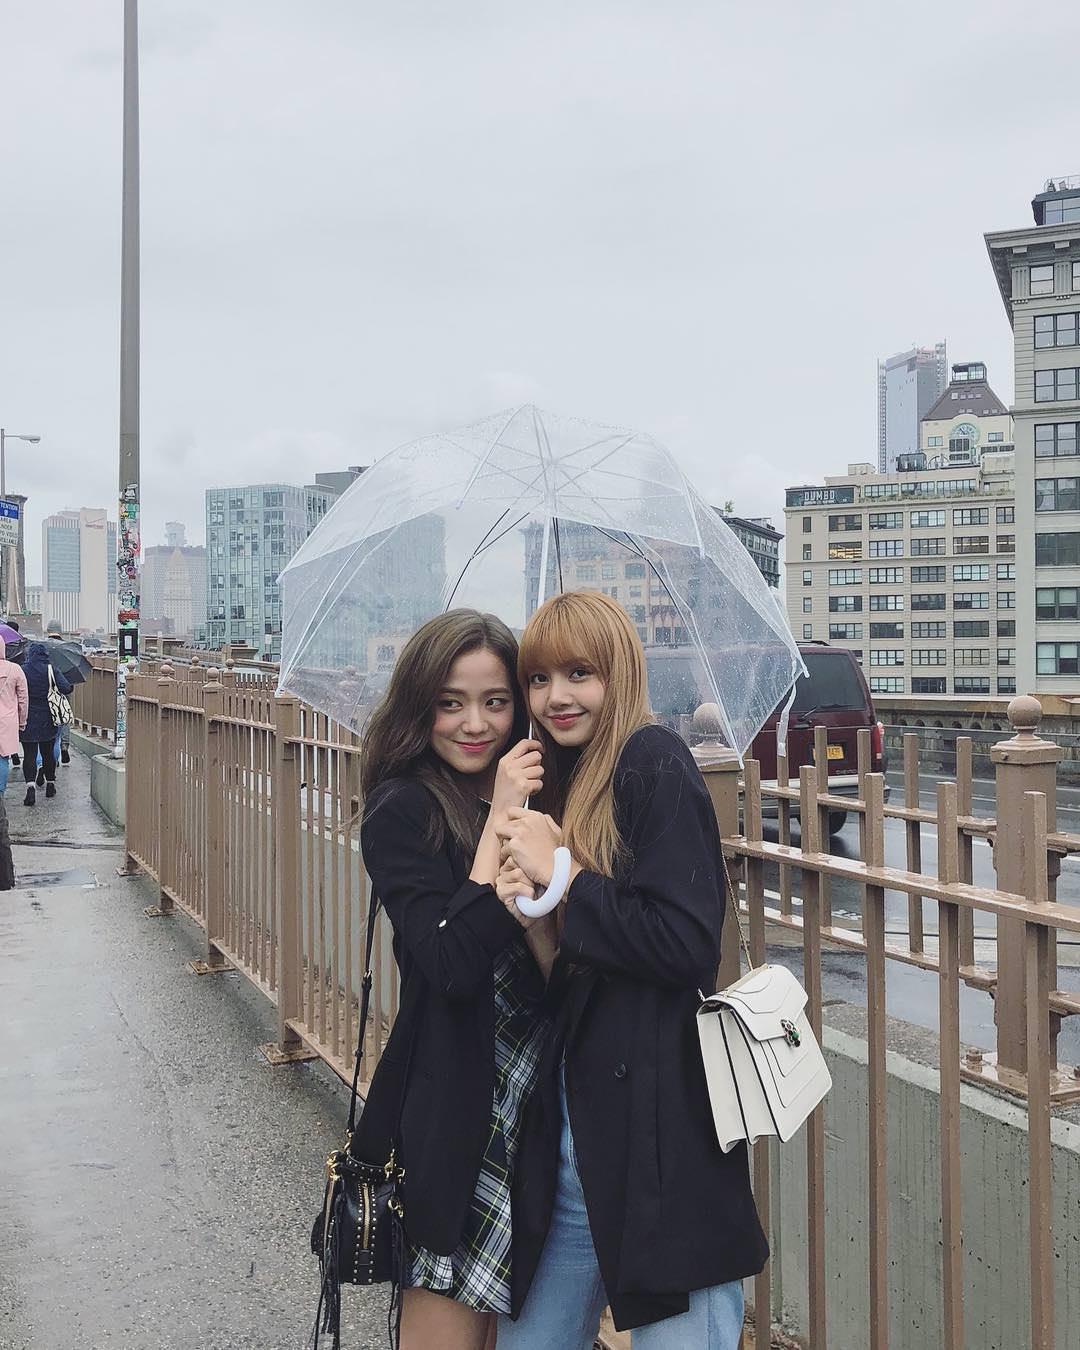 無論是在節目上或是在各個場合,Lisa與Jisoo的好感情是眾所皆知的呦!